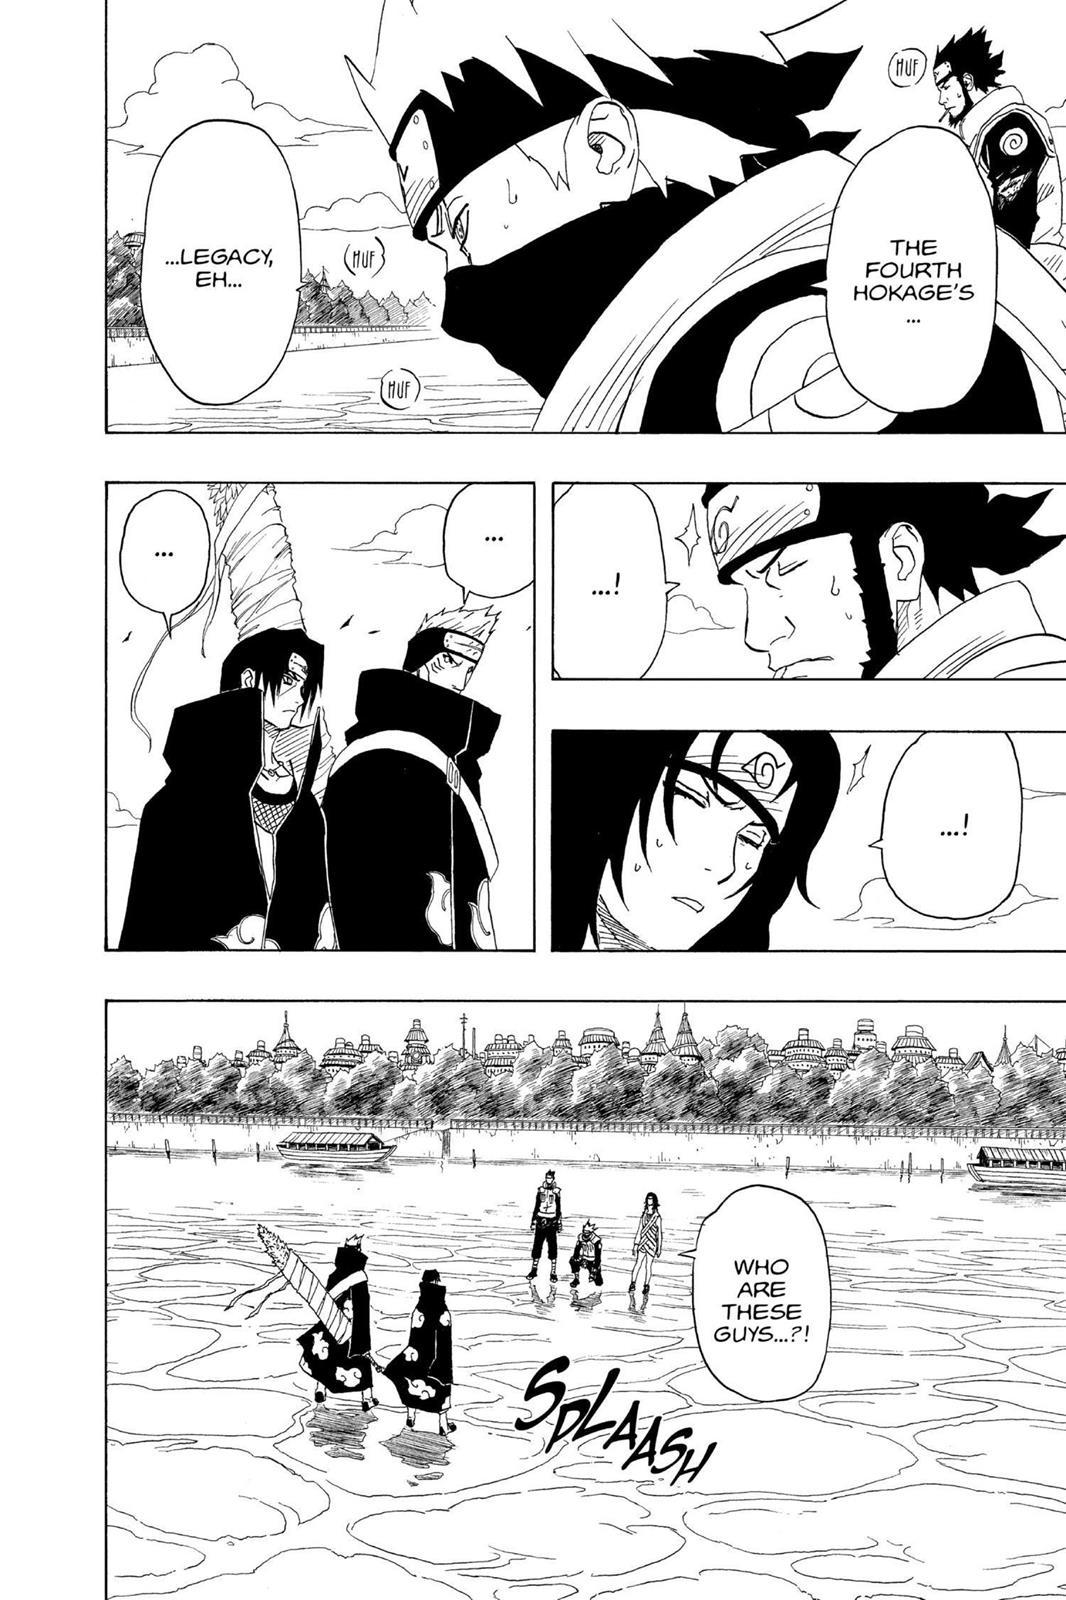 Jiraiya fazer frente a Itachi + Kisame não faz sentido para você? - Página 2 0143-002